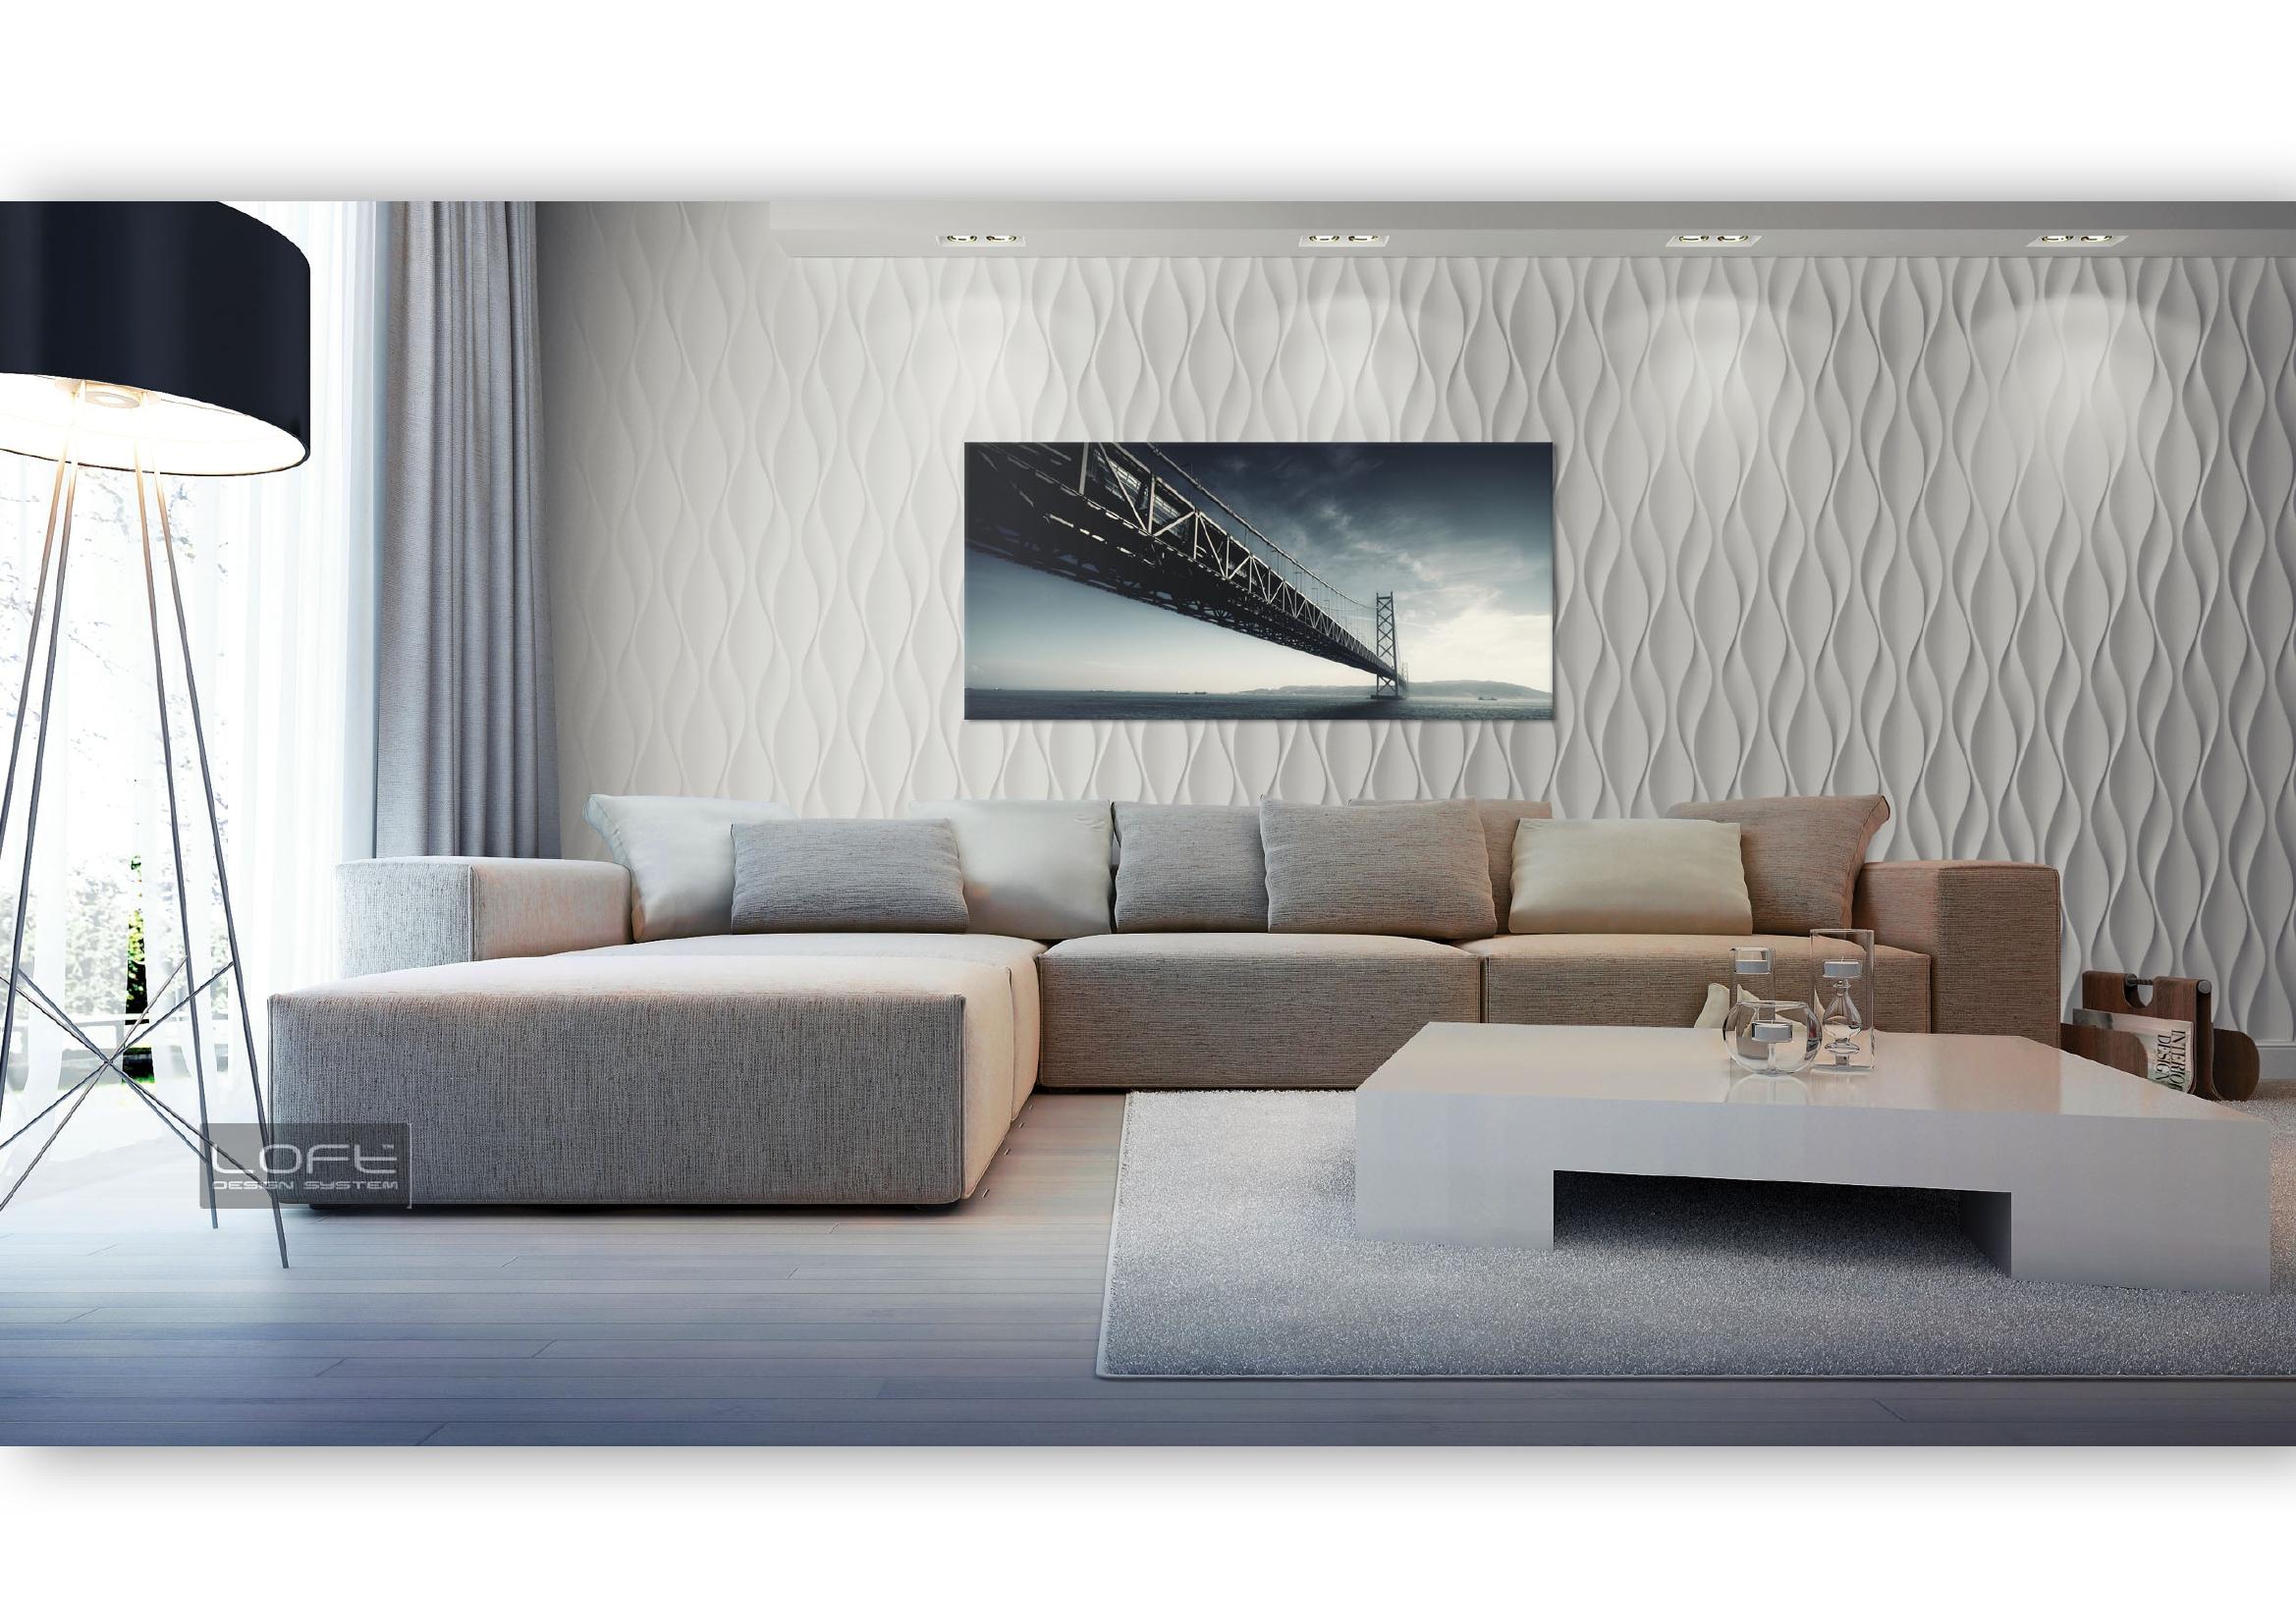 Arti Decorative - Unser offizieller Partner & Spezialist für italienische Wand- und Oberflächengestaltung